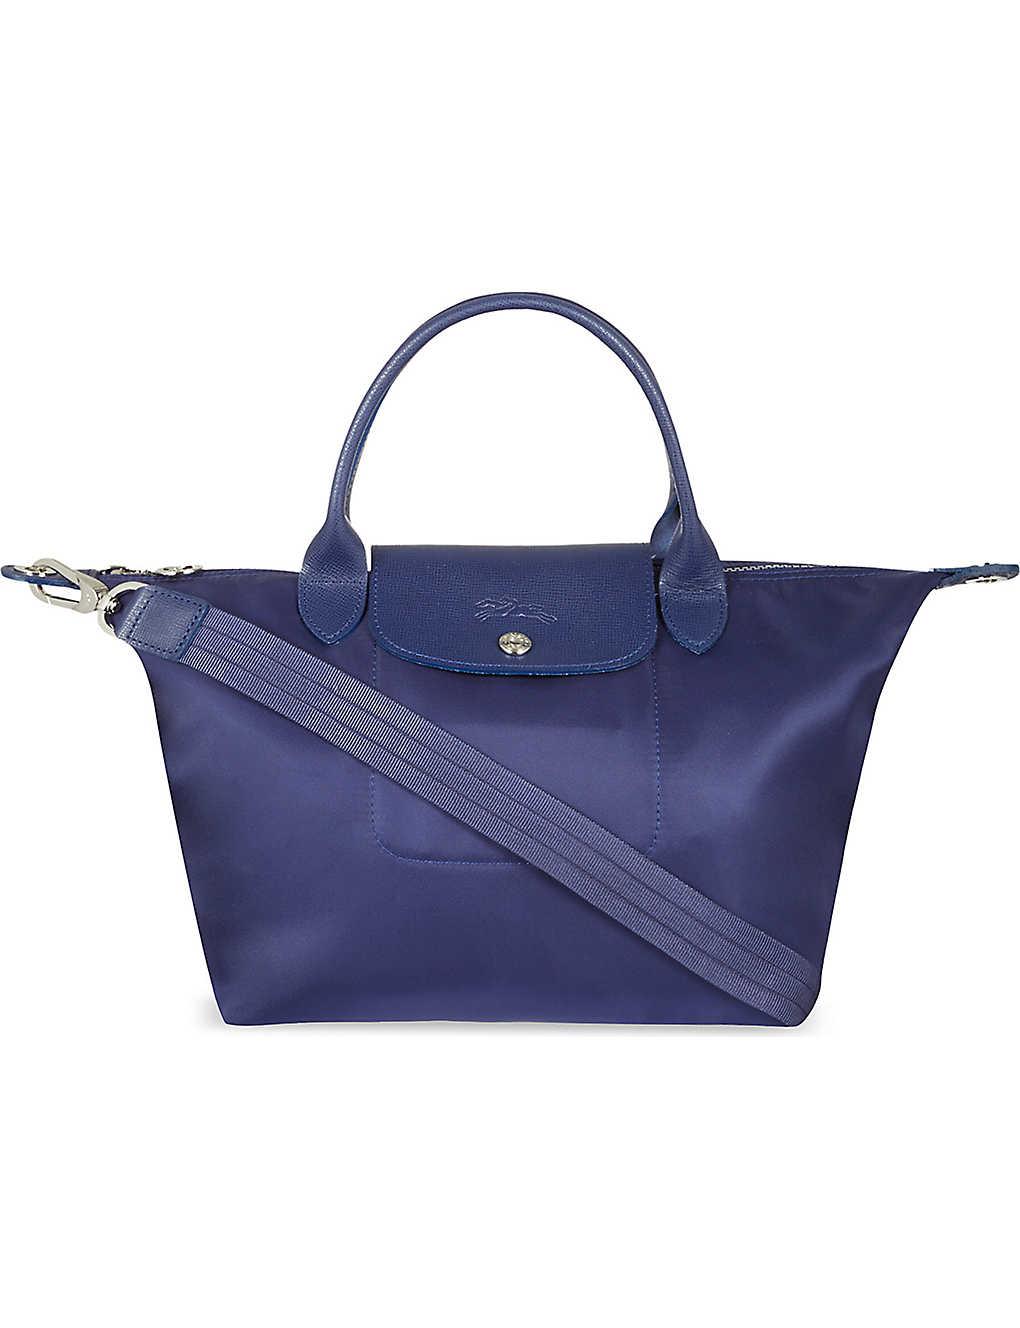 34f1cc82b35ab4 LONGCHAMP - Le Pliage Neo small handbag | Selfridges.com